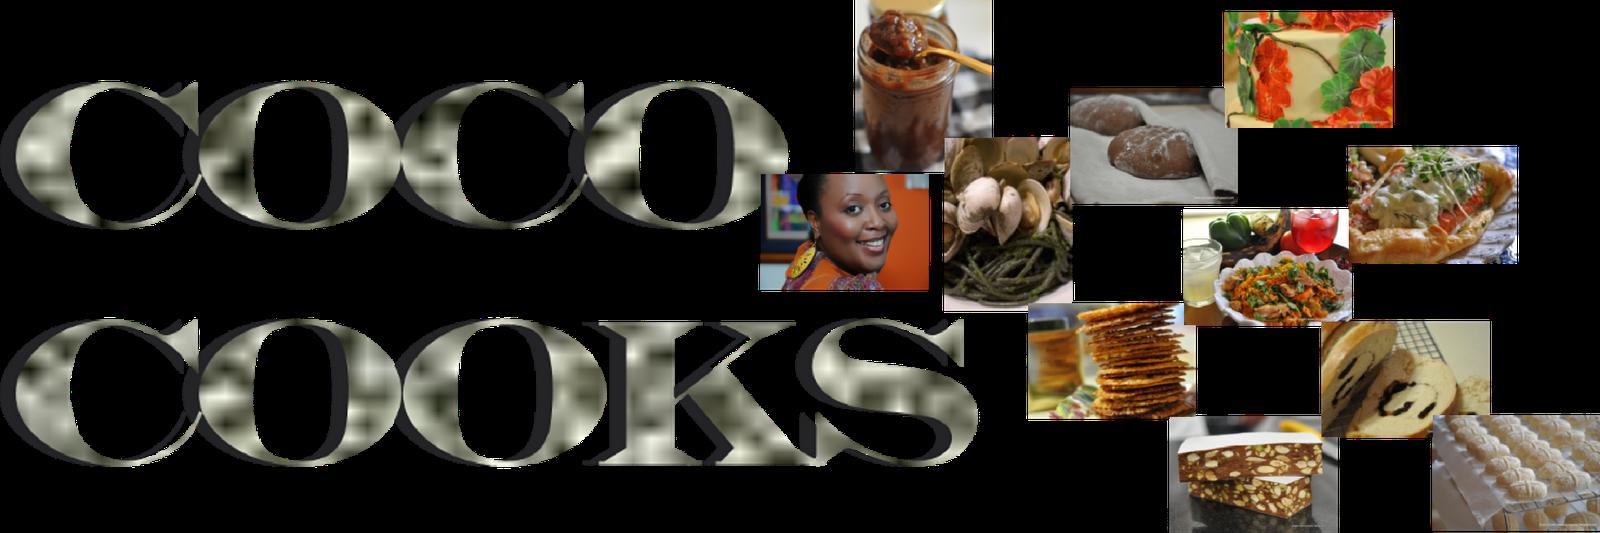 Coco Cooks